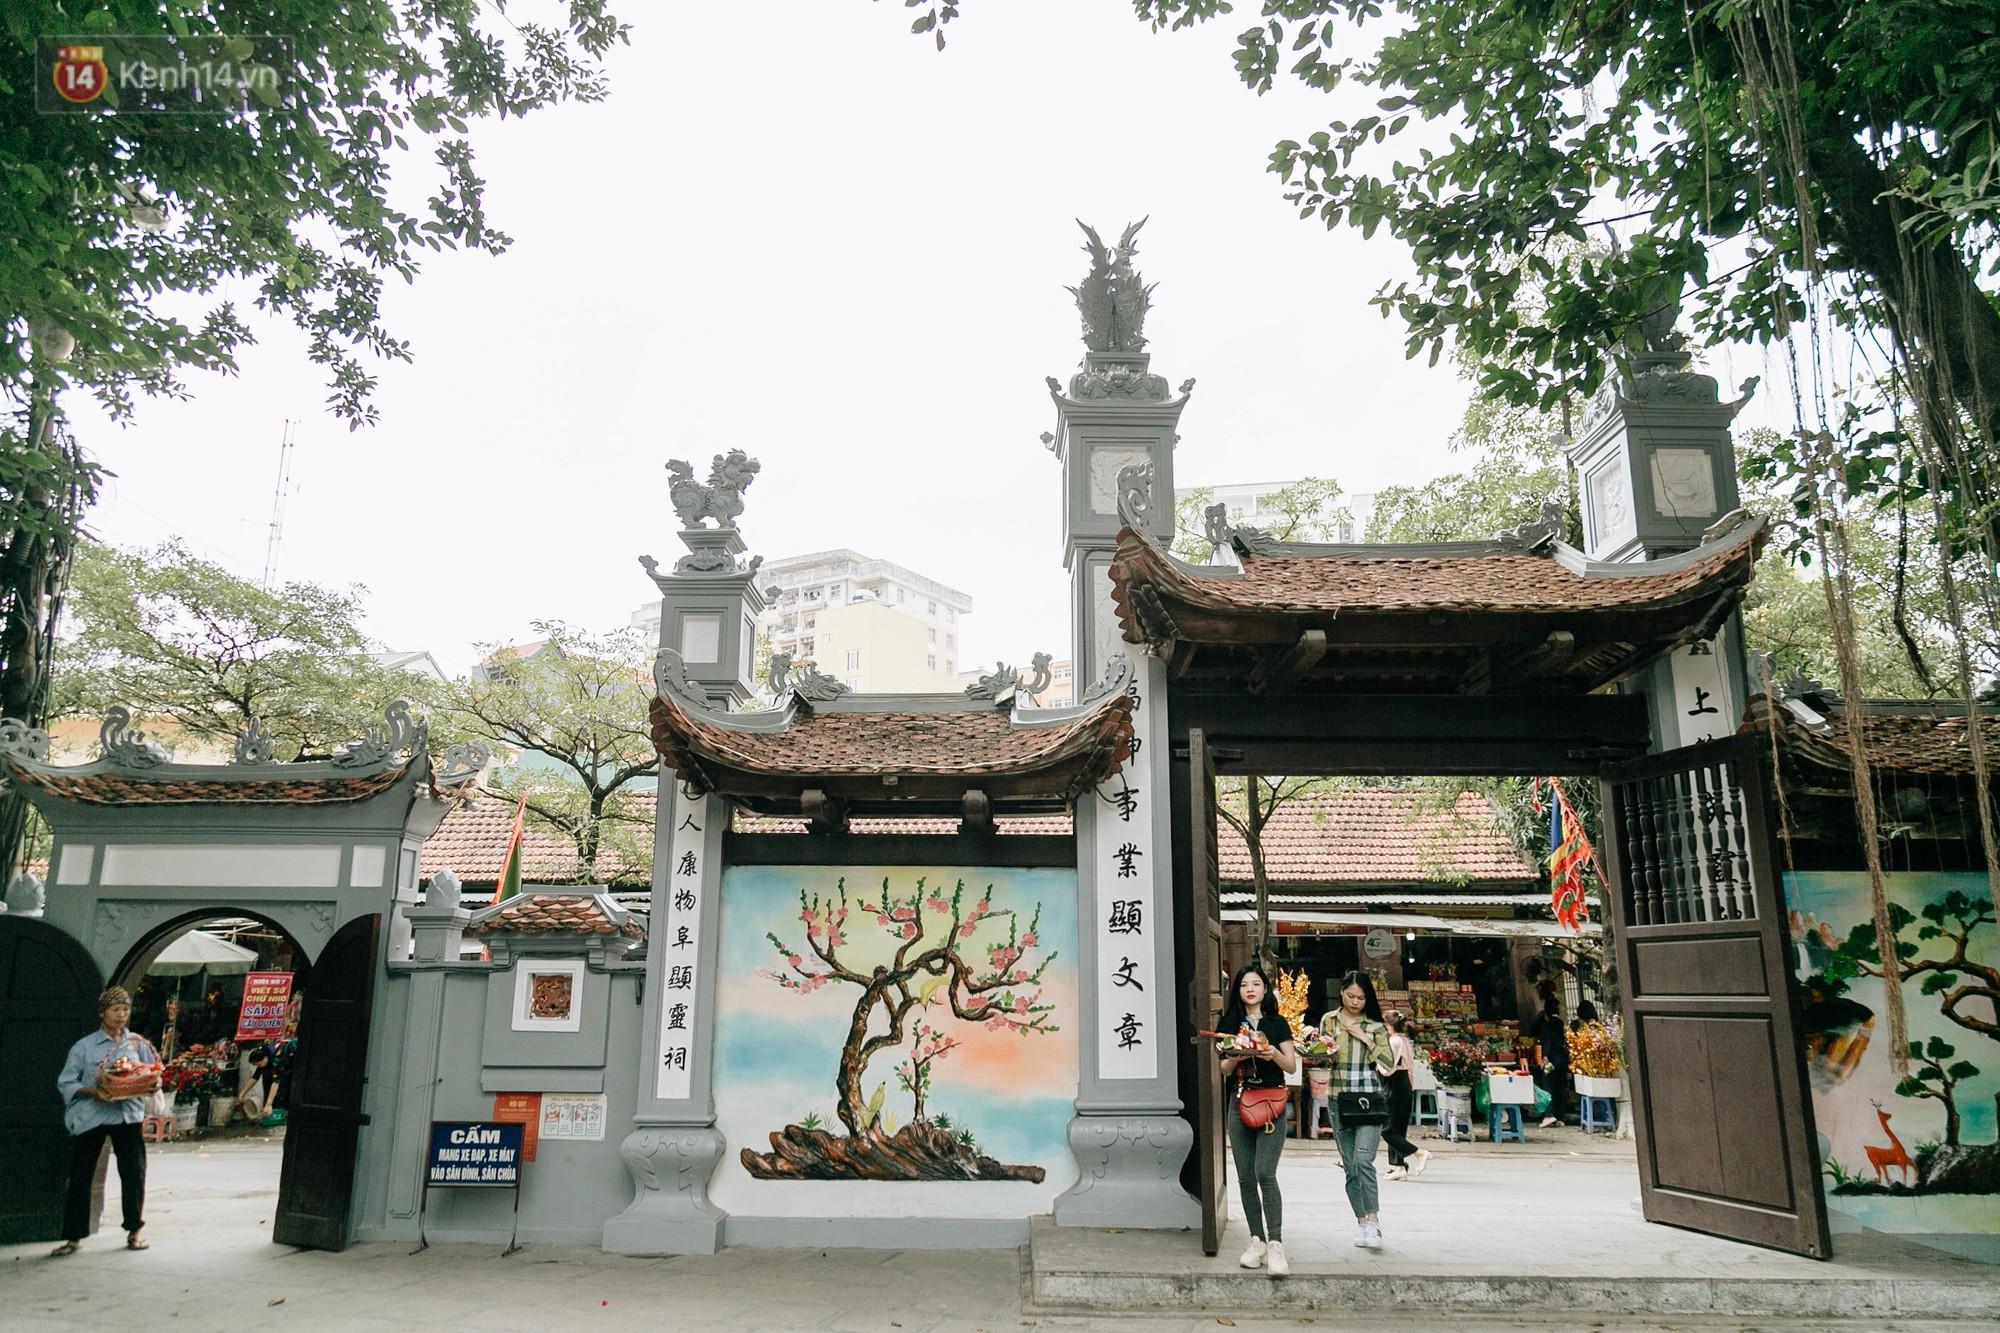 Nhân ngày Thất Tịch, cùng dạo quanh những ngôi chùa cầu duyên nổi tiếng nhất Hà Nội và Sài Gòn - Ảnh 3.